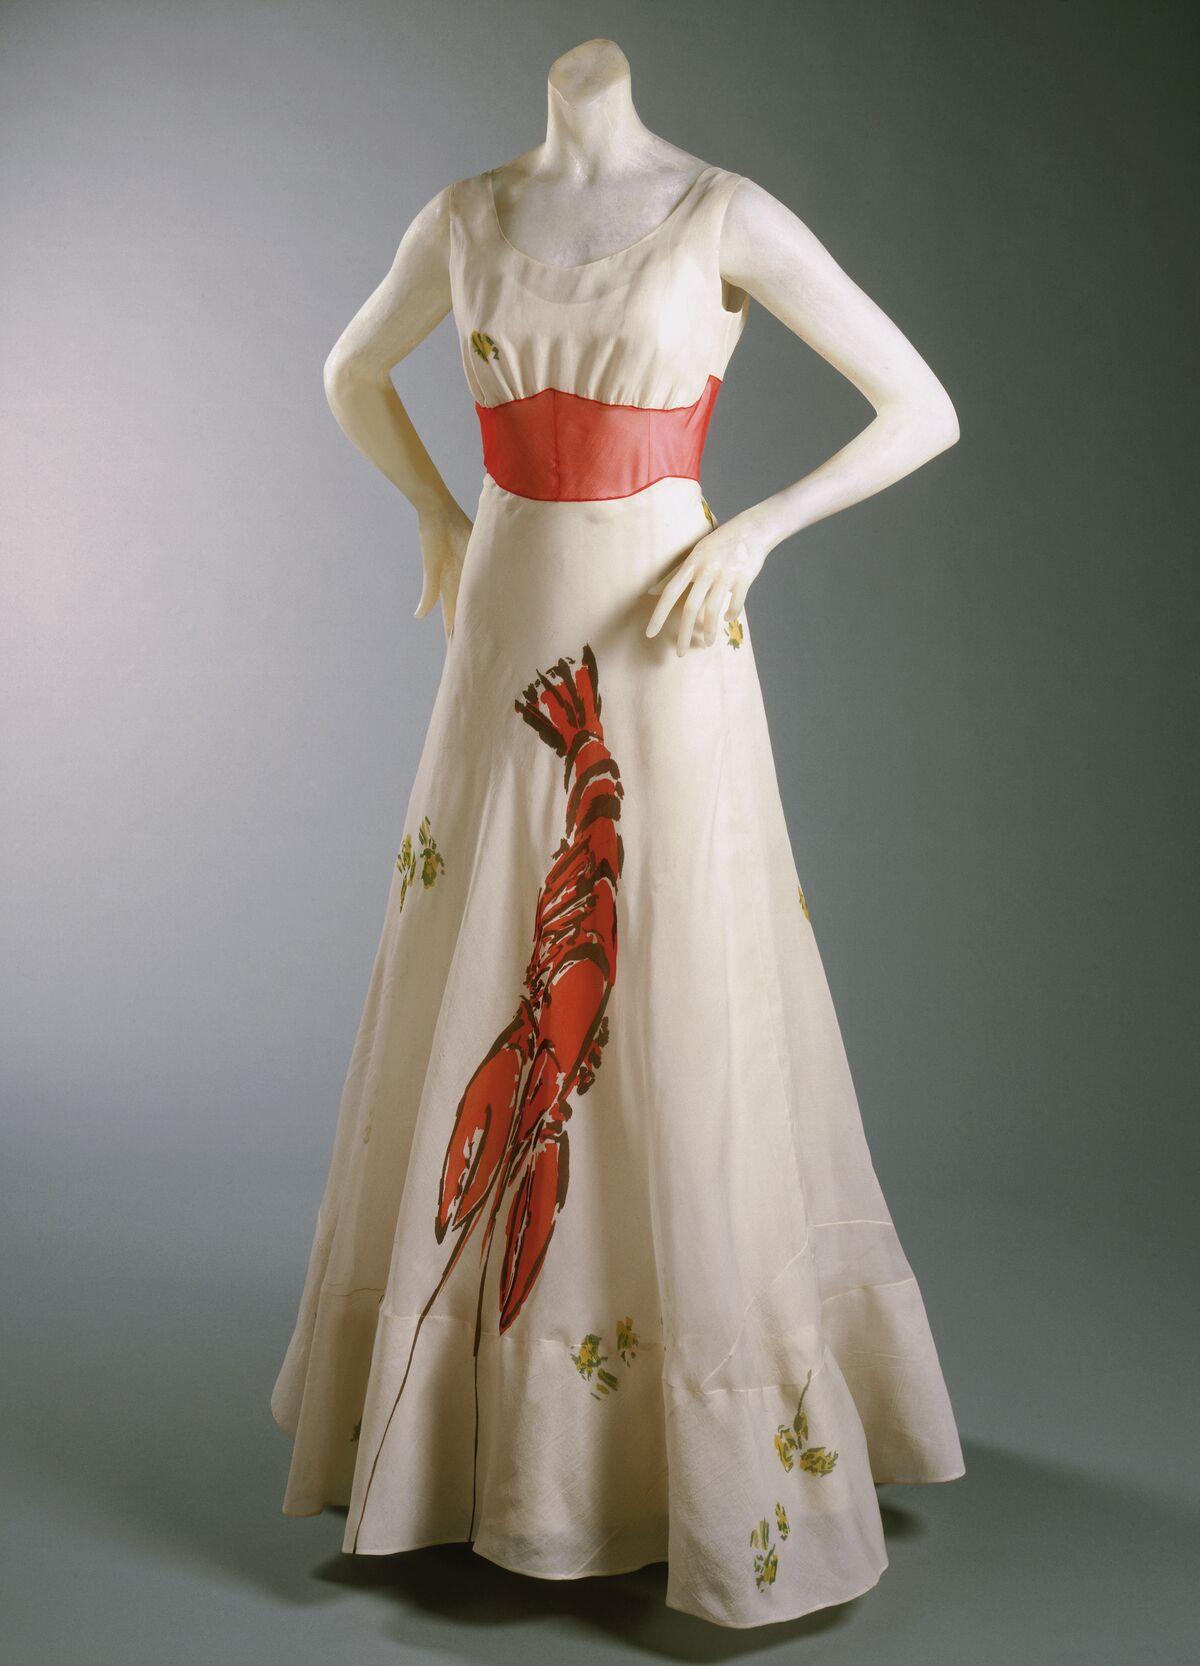 Woman's Dinner Dress. Philadelphia Museum of Art, Gift of Mme Elsa Schiaparelli.